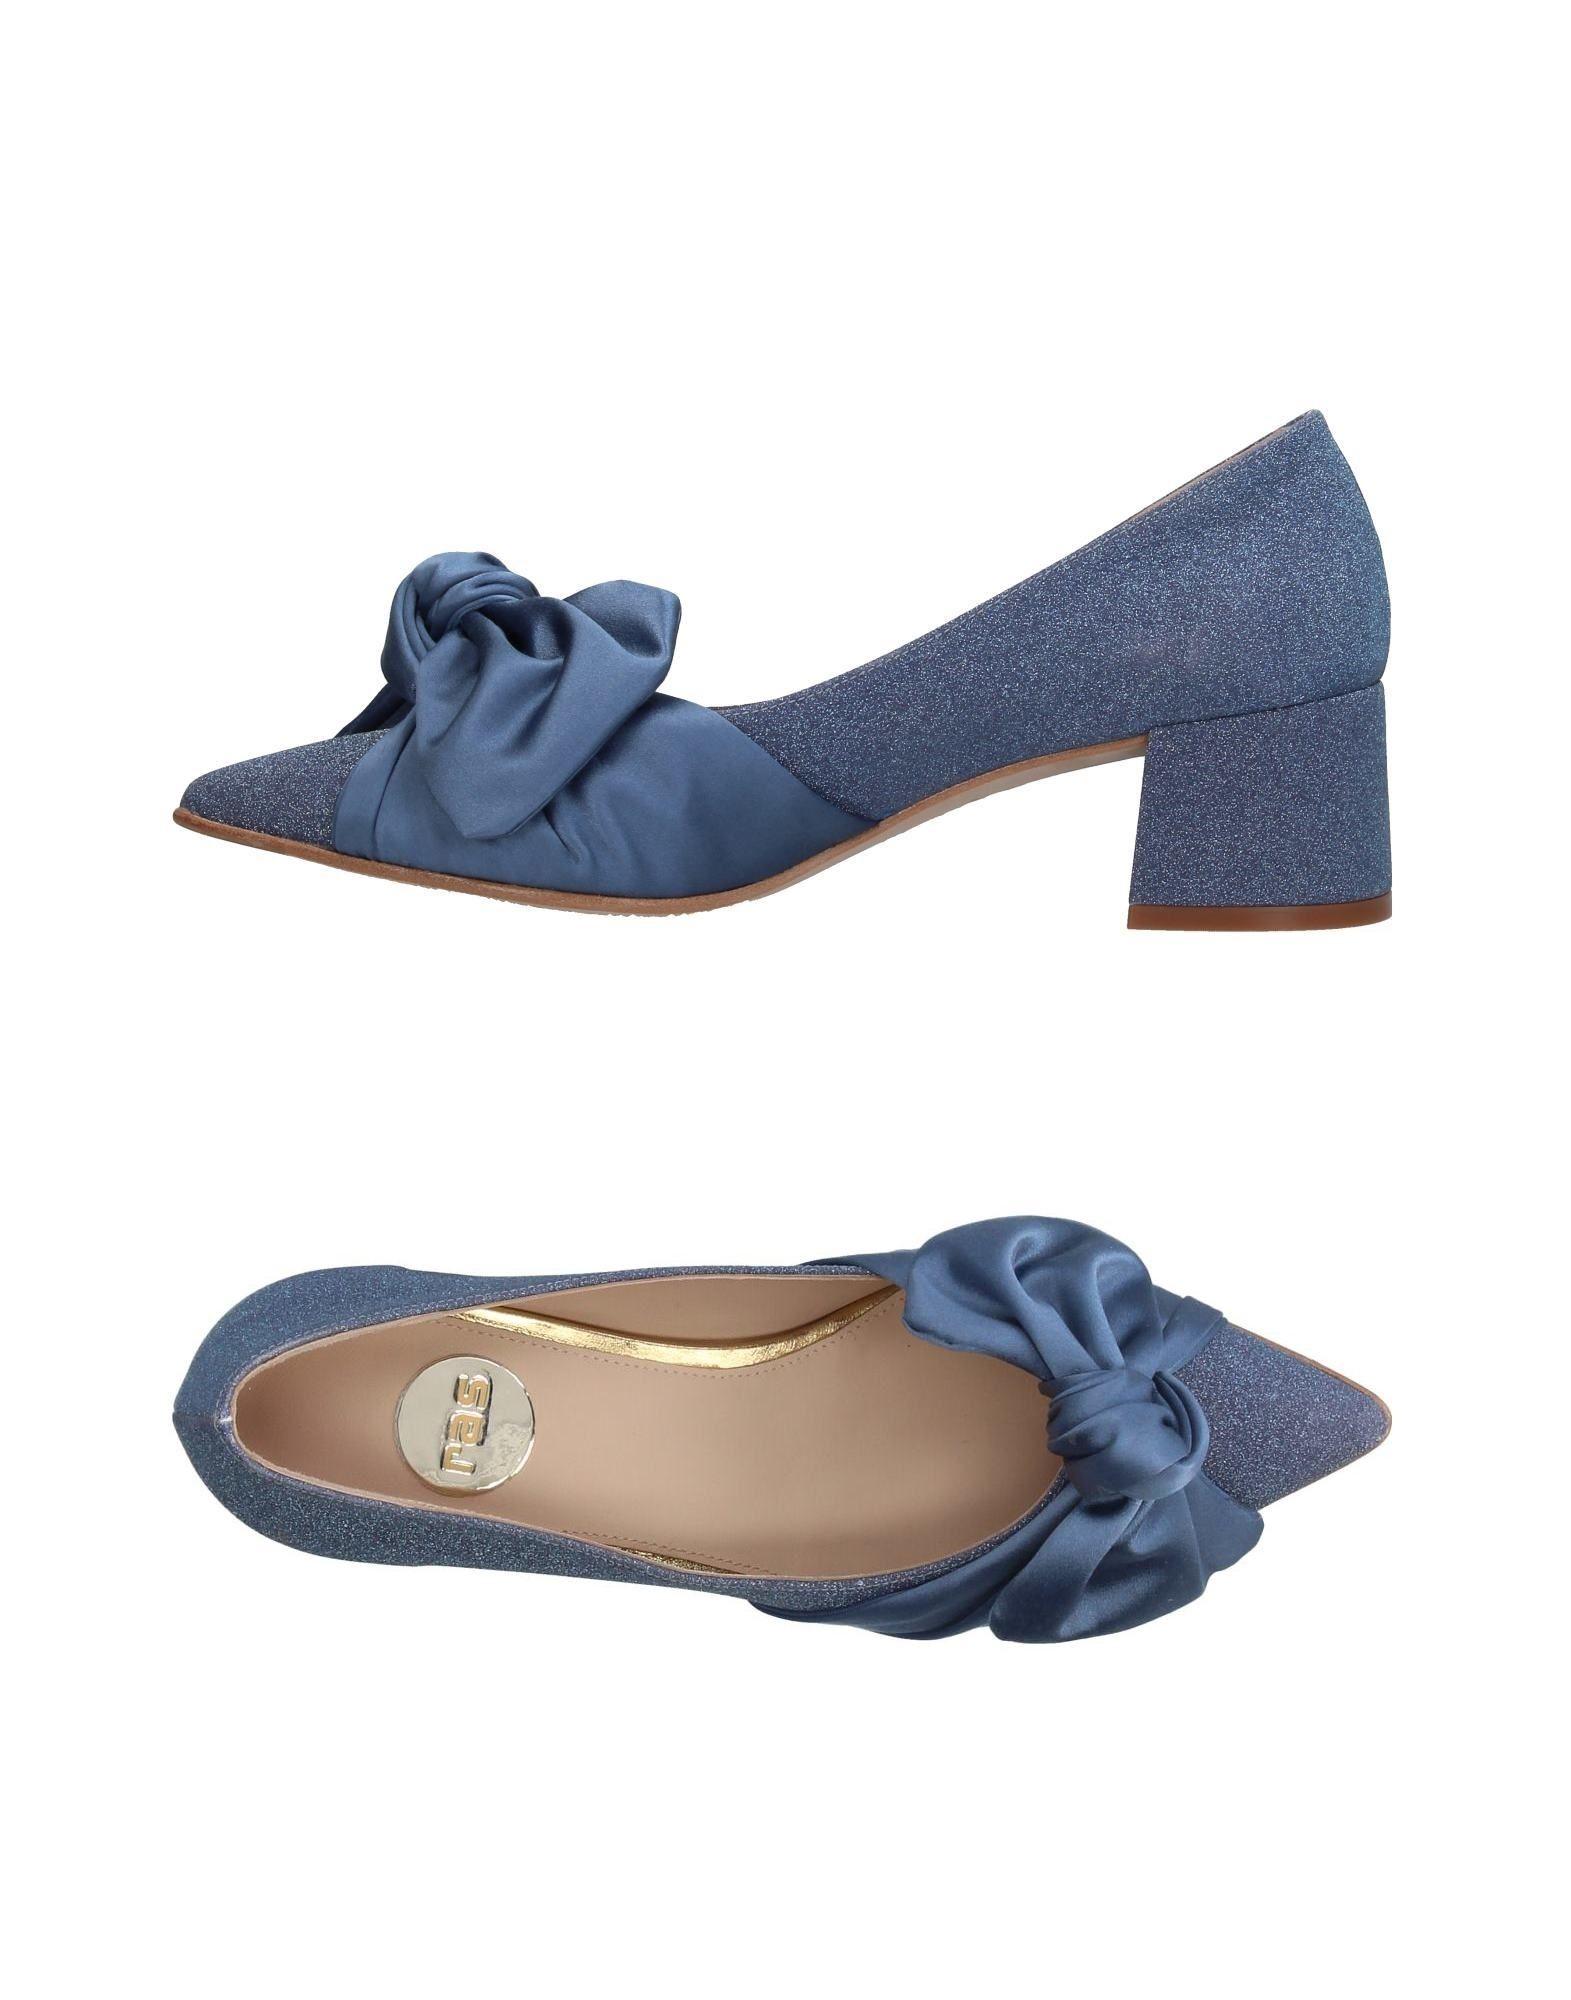 Escarpins Ras Femme - Escarpins Ras Bleu-gris Chaussures femme pas cher homme et femme